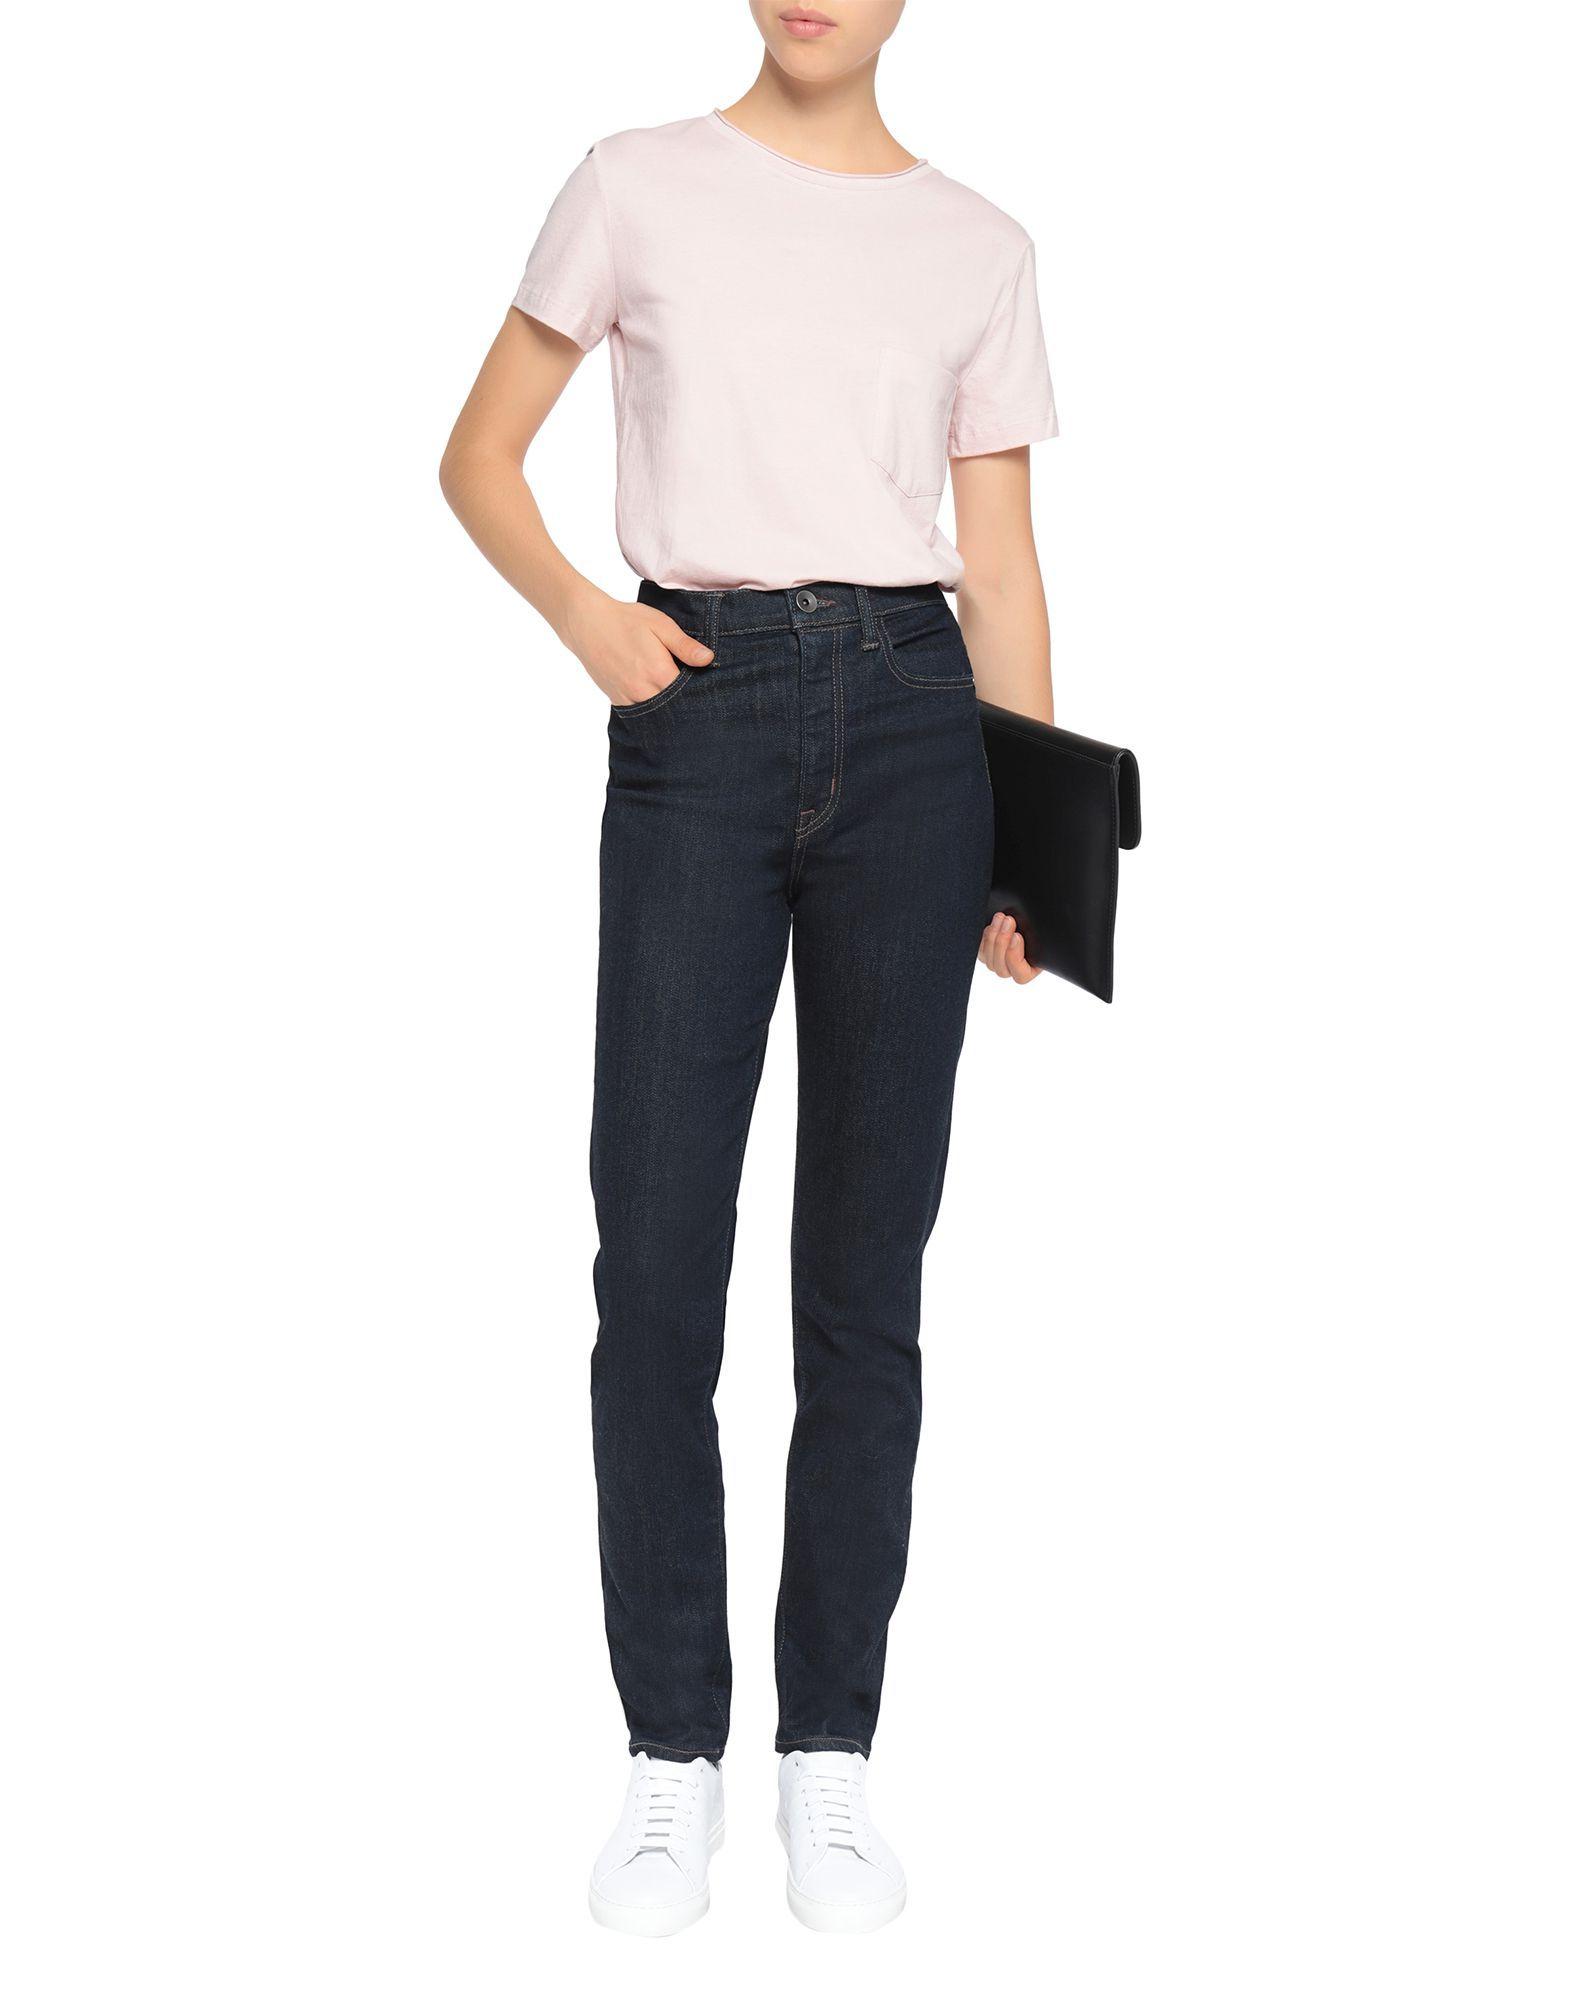 Helmut Lang Blue Cotton Jeans